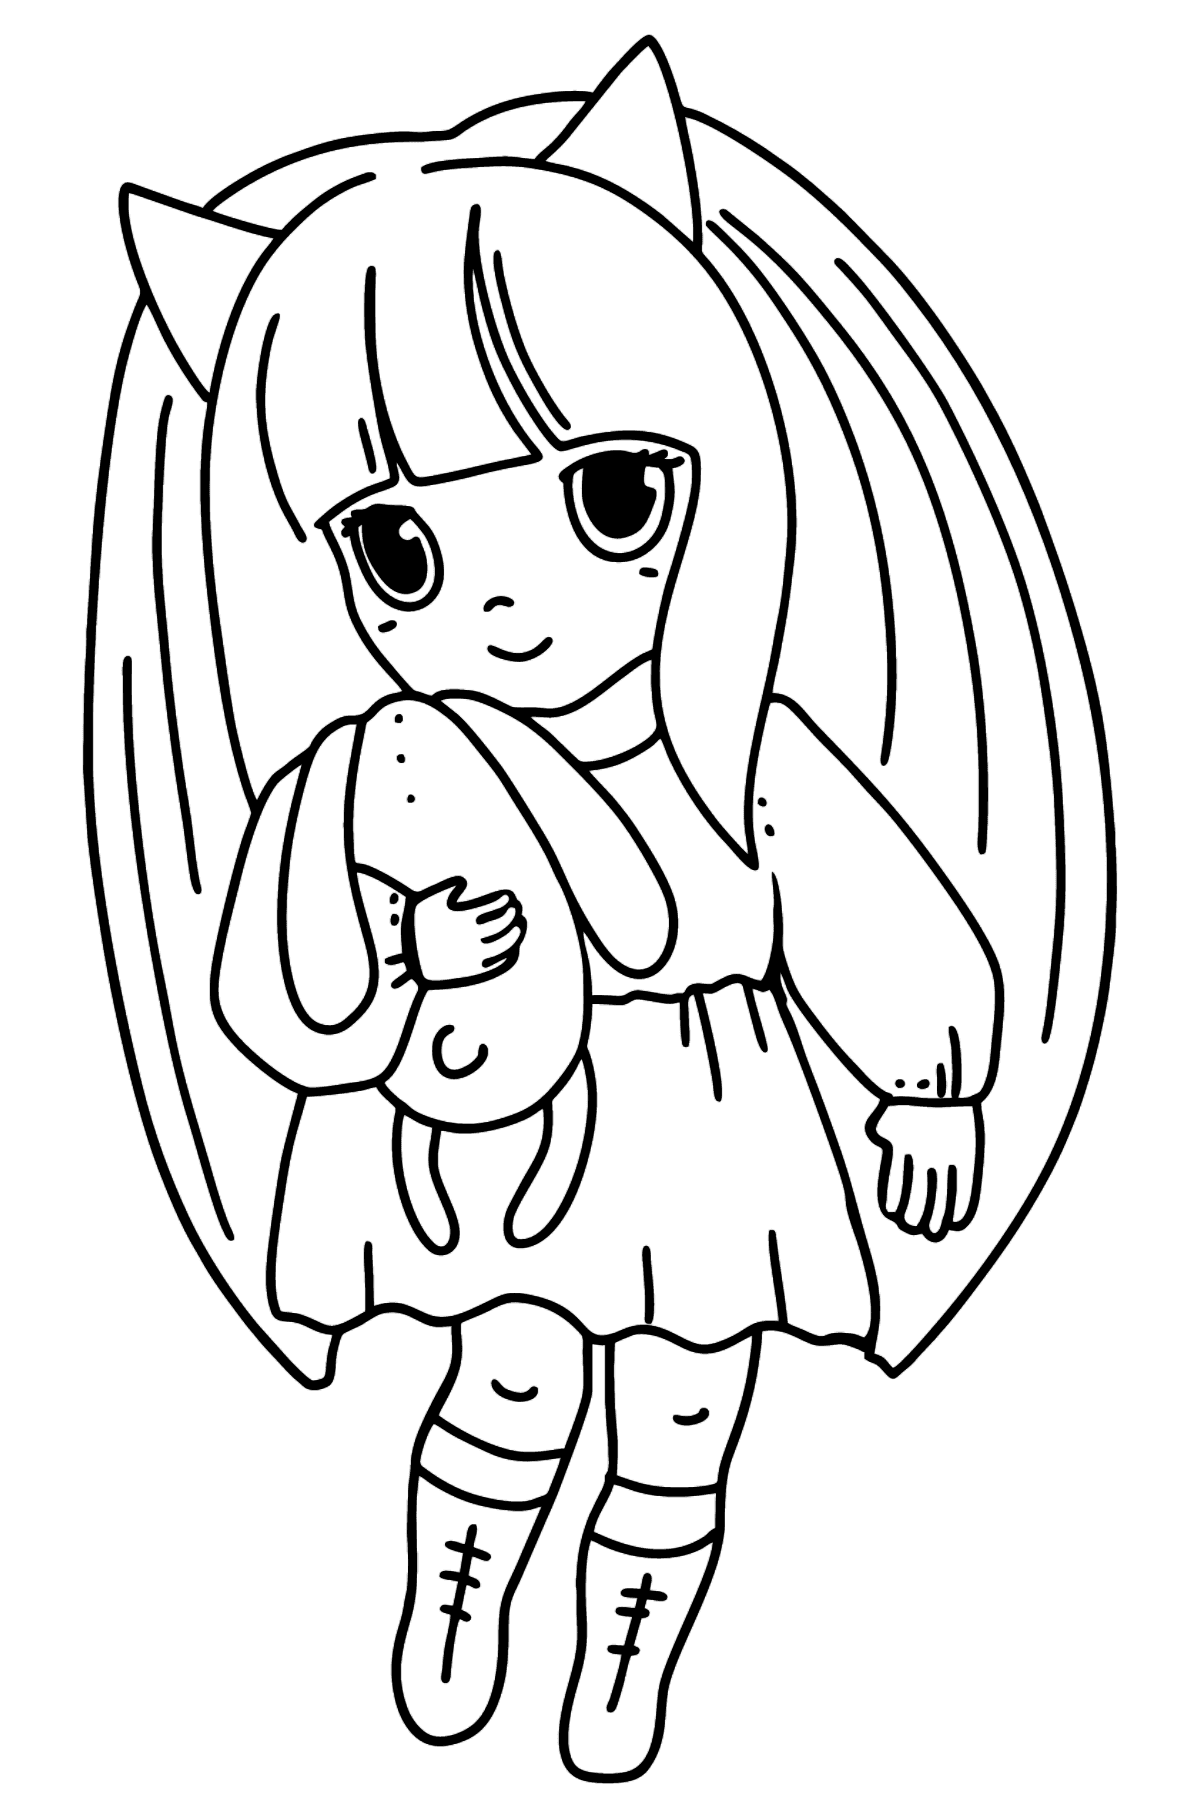 Раскраска Аниме Маленькая девочка - Картинки для Детей